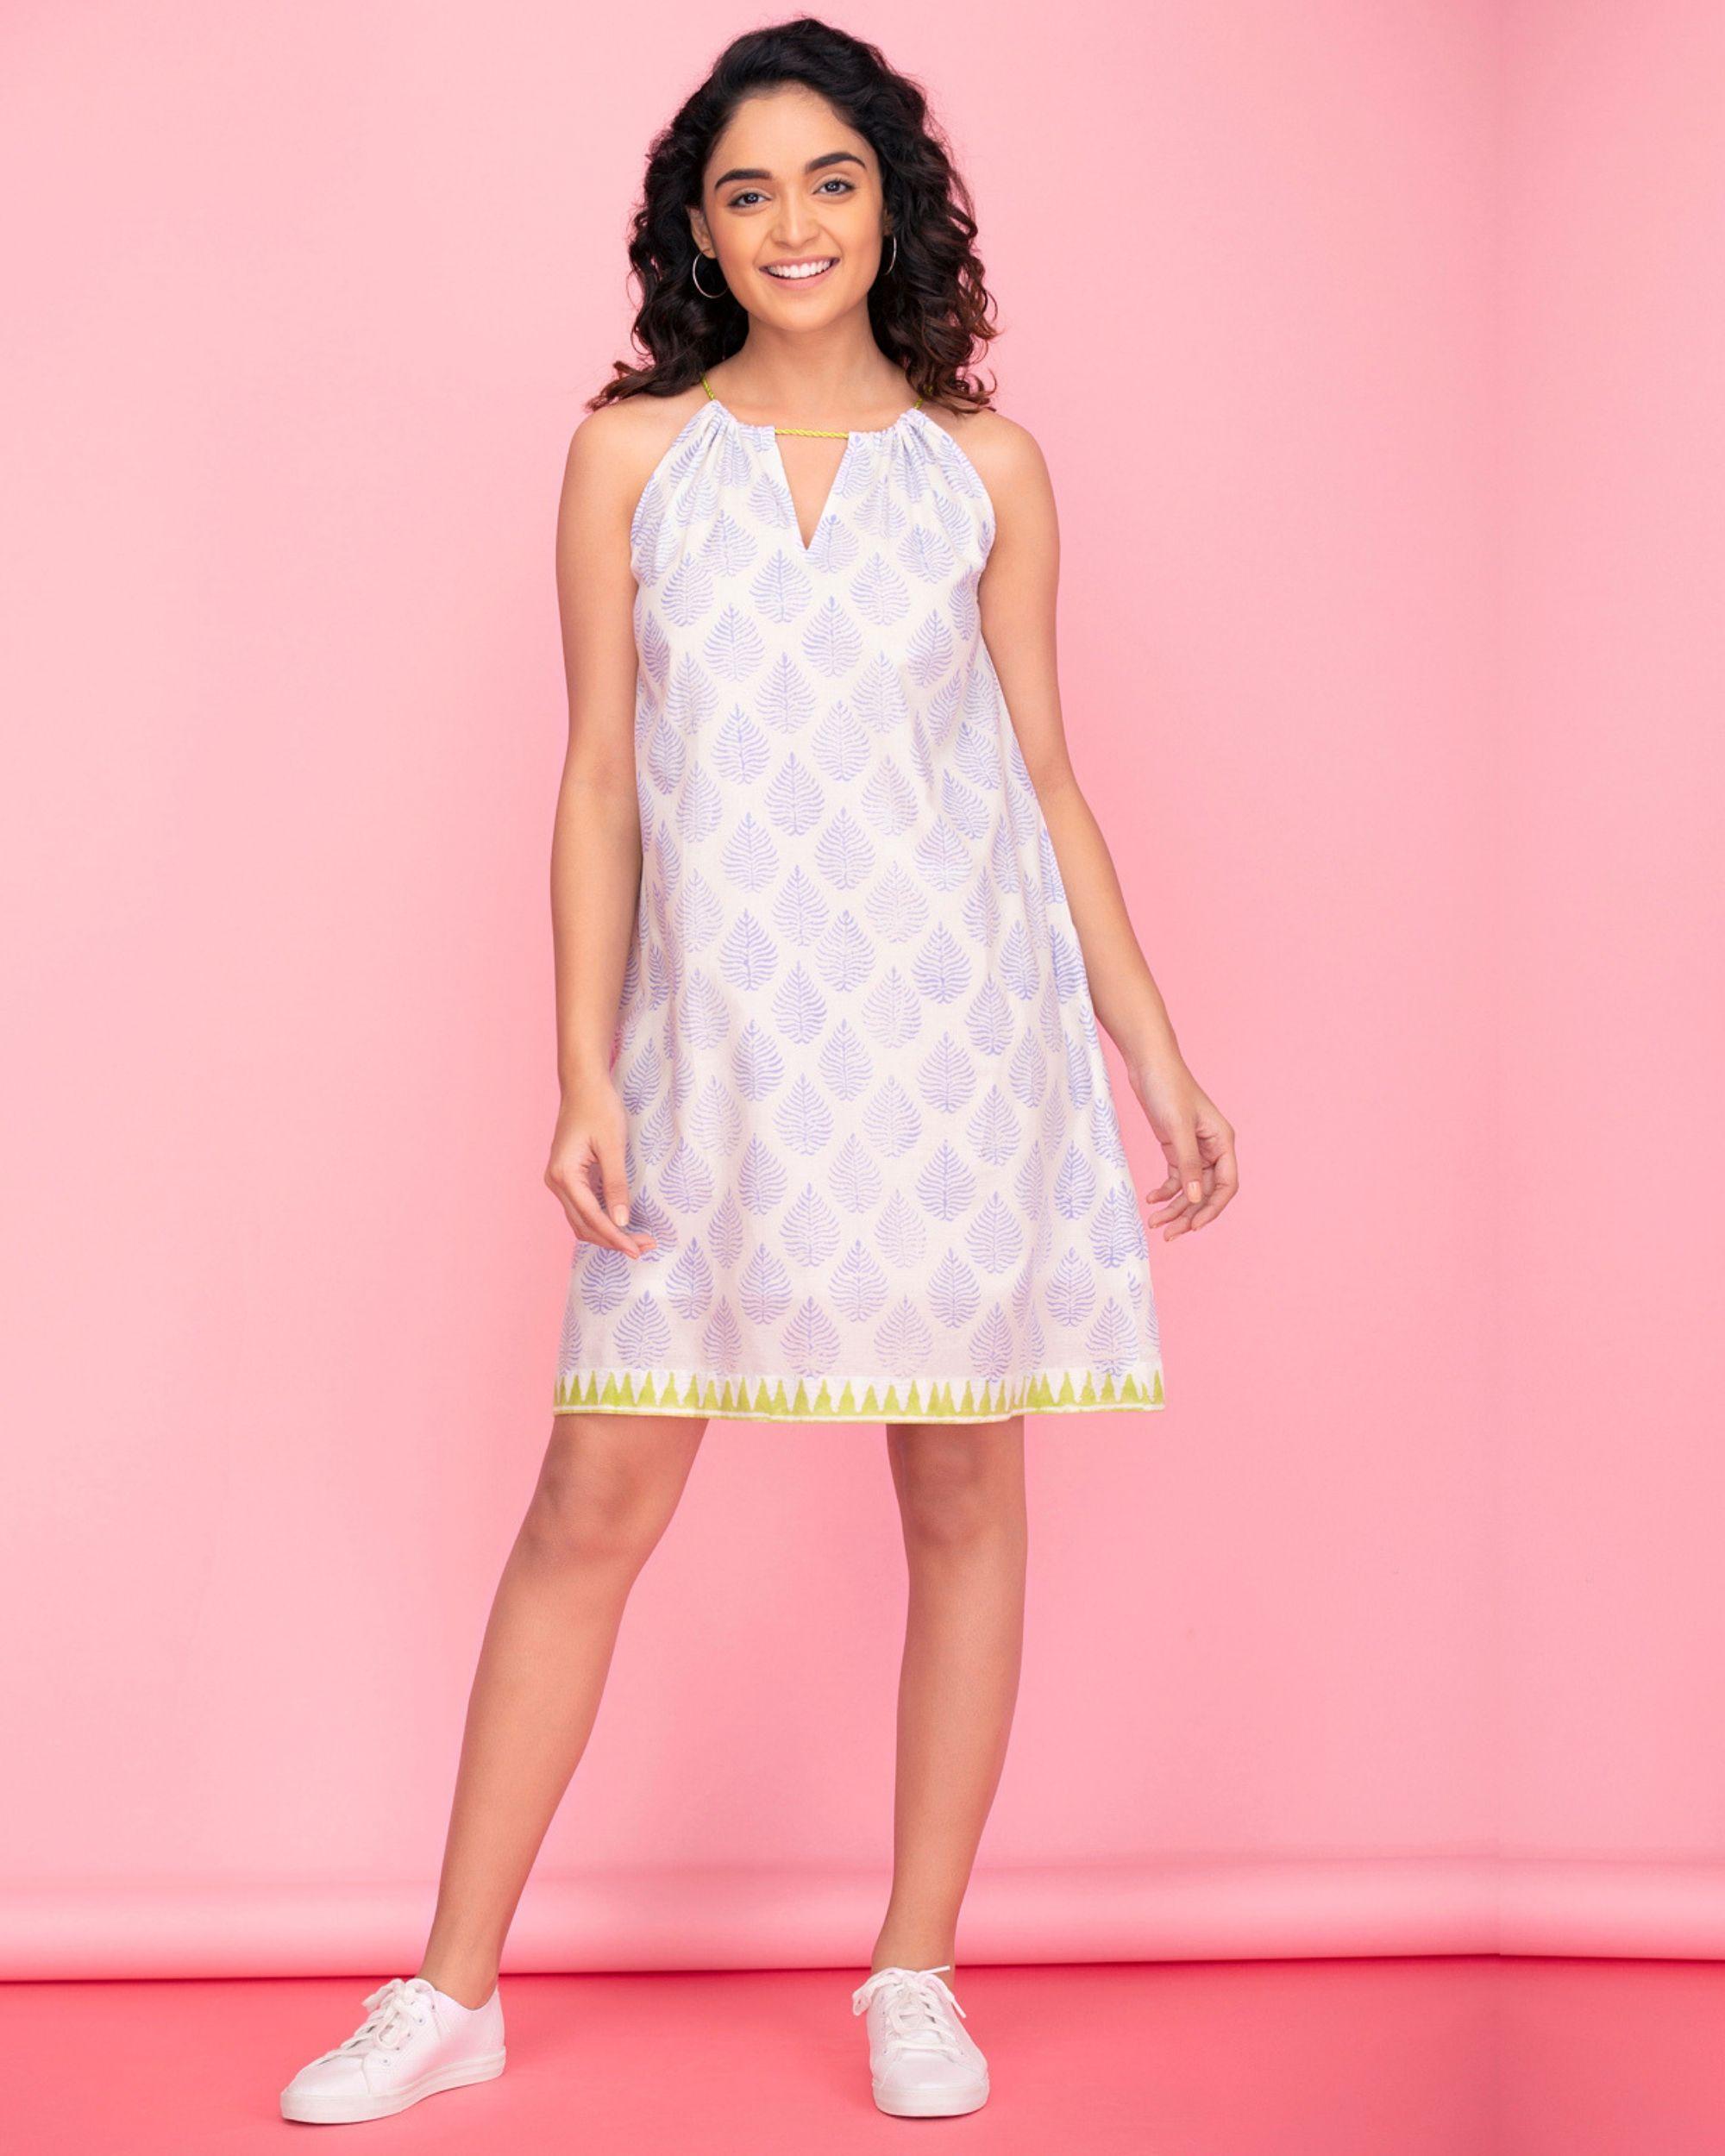 92fe8275d4504 White halter neck dress by Twirl Studio   The Secret Label